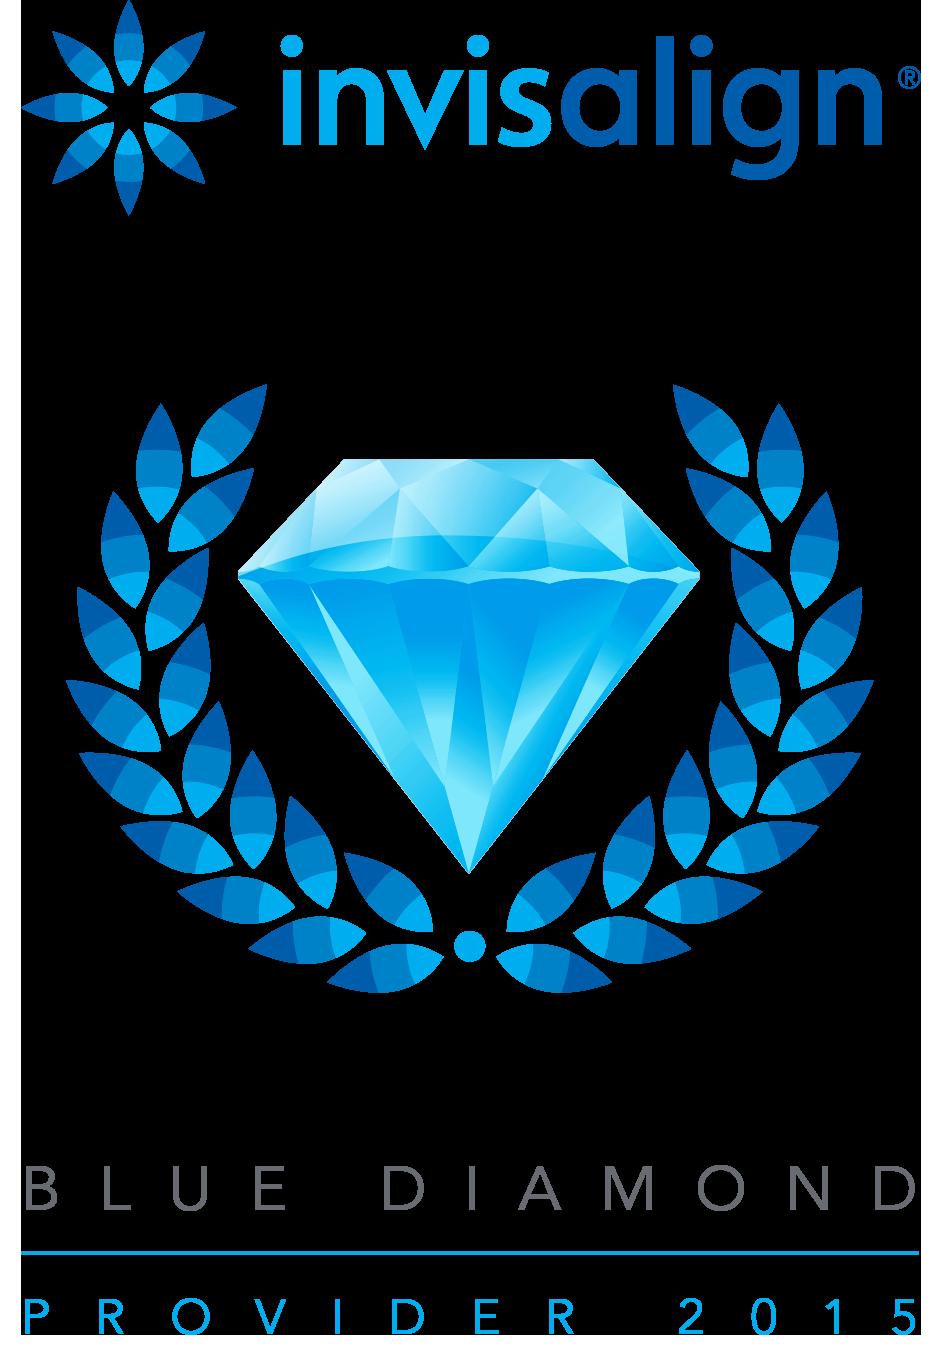 blue diamond invisalign provider